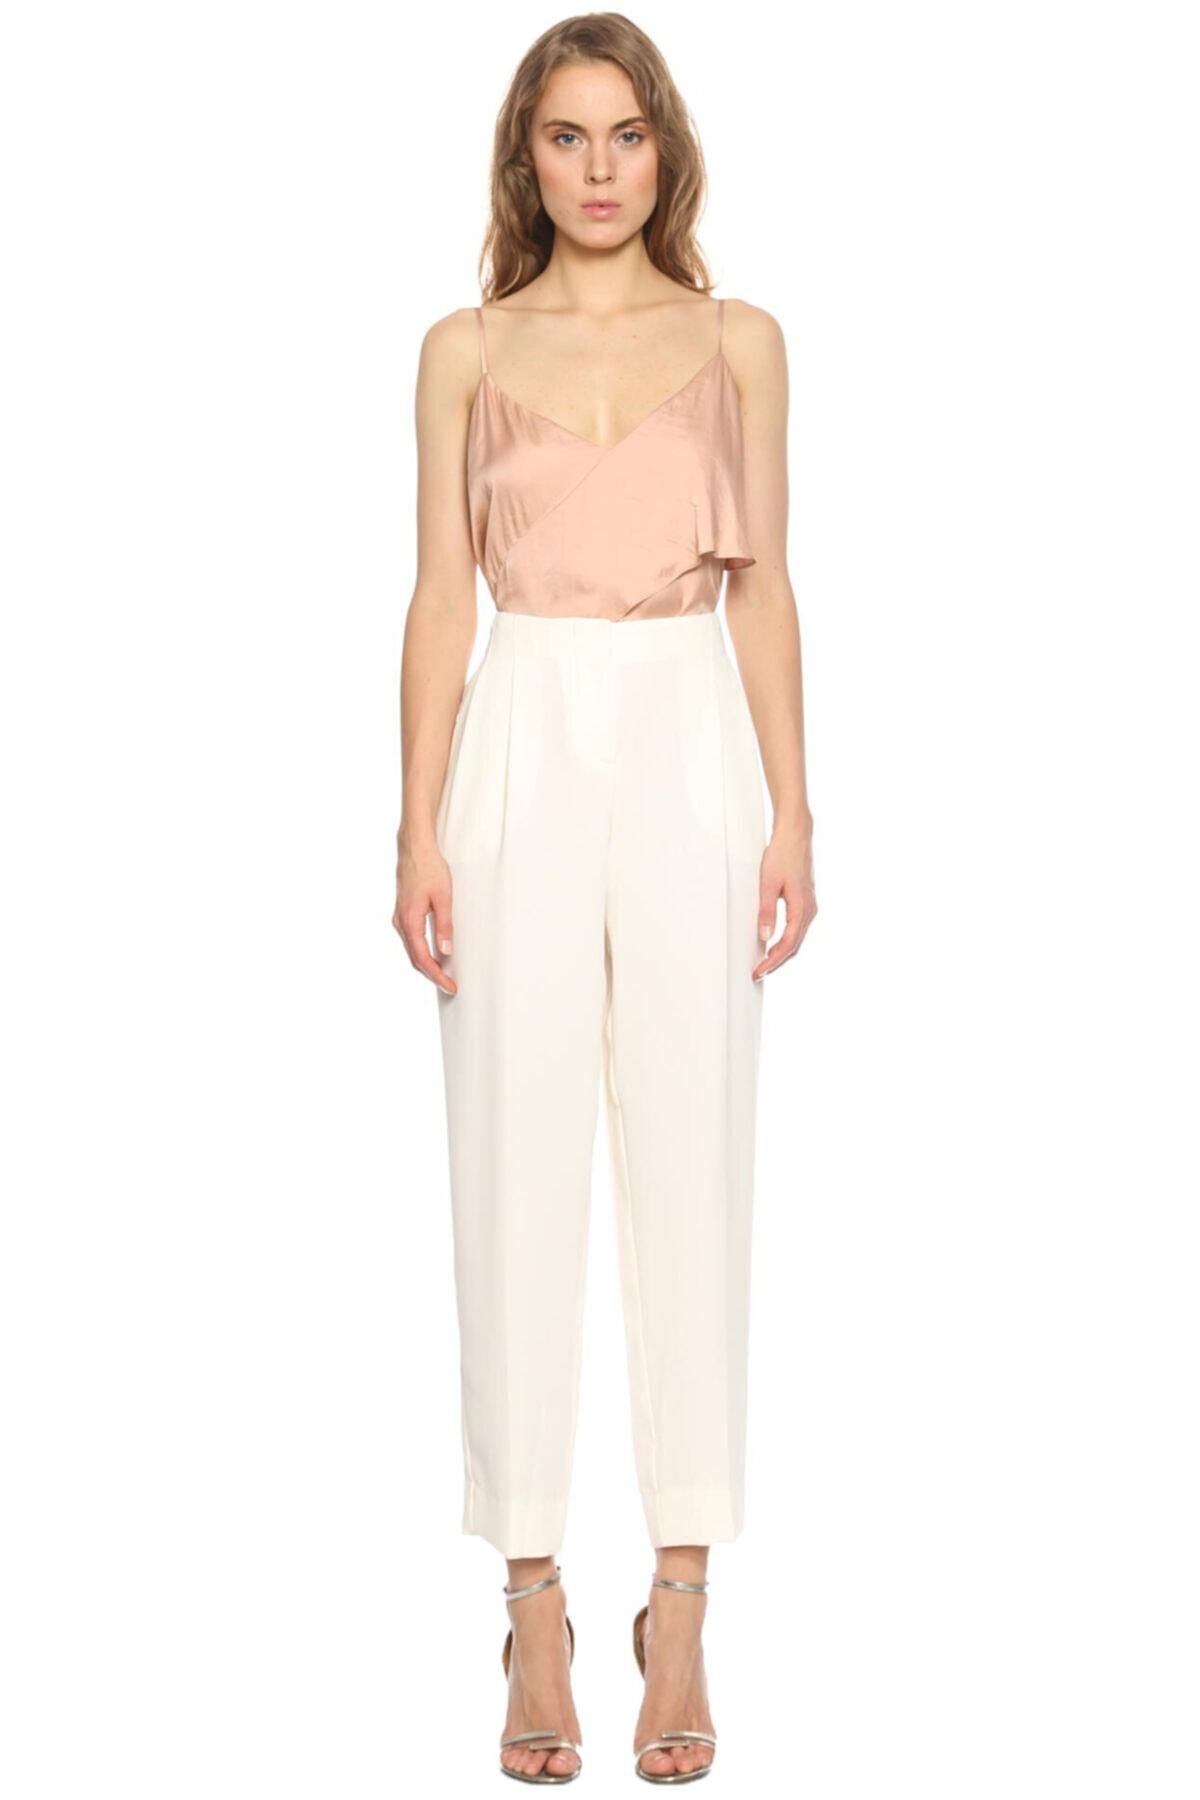 PHILOSOPHY FERRETTI Kadın Beyaz Klasik Pantolon 2